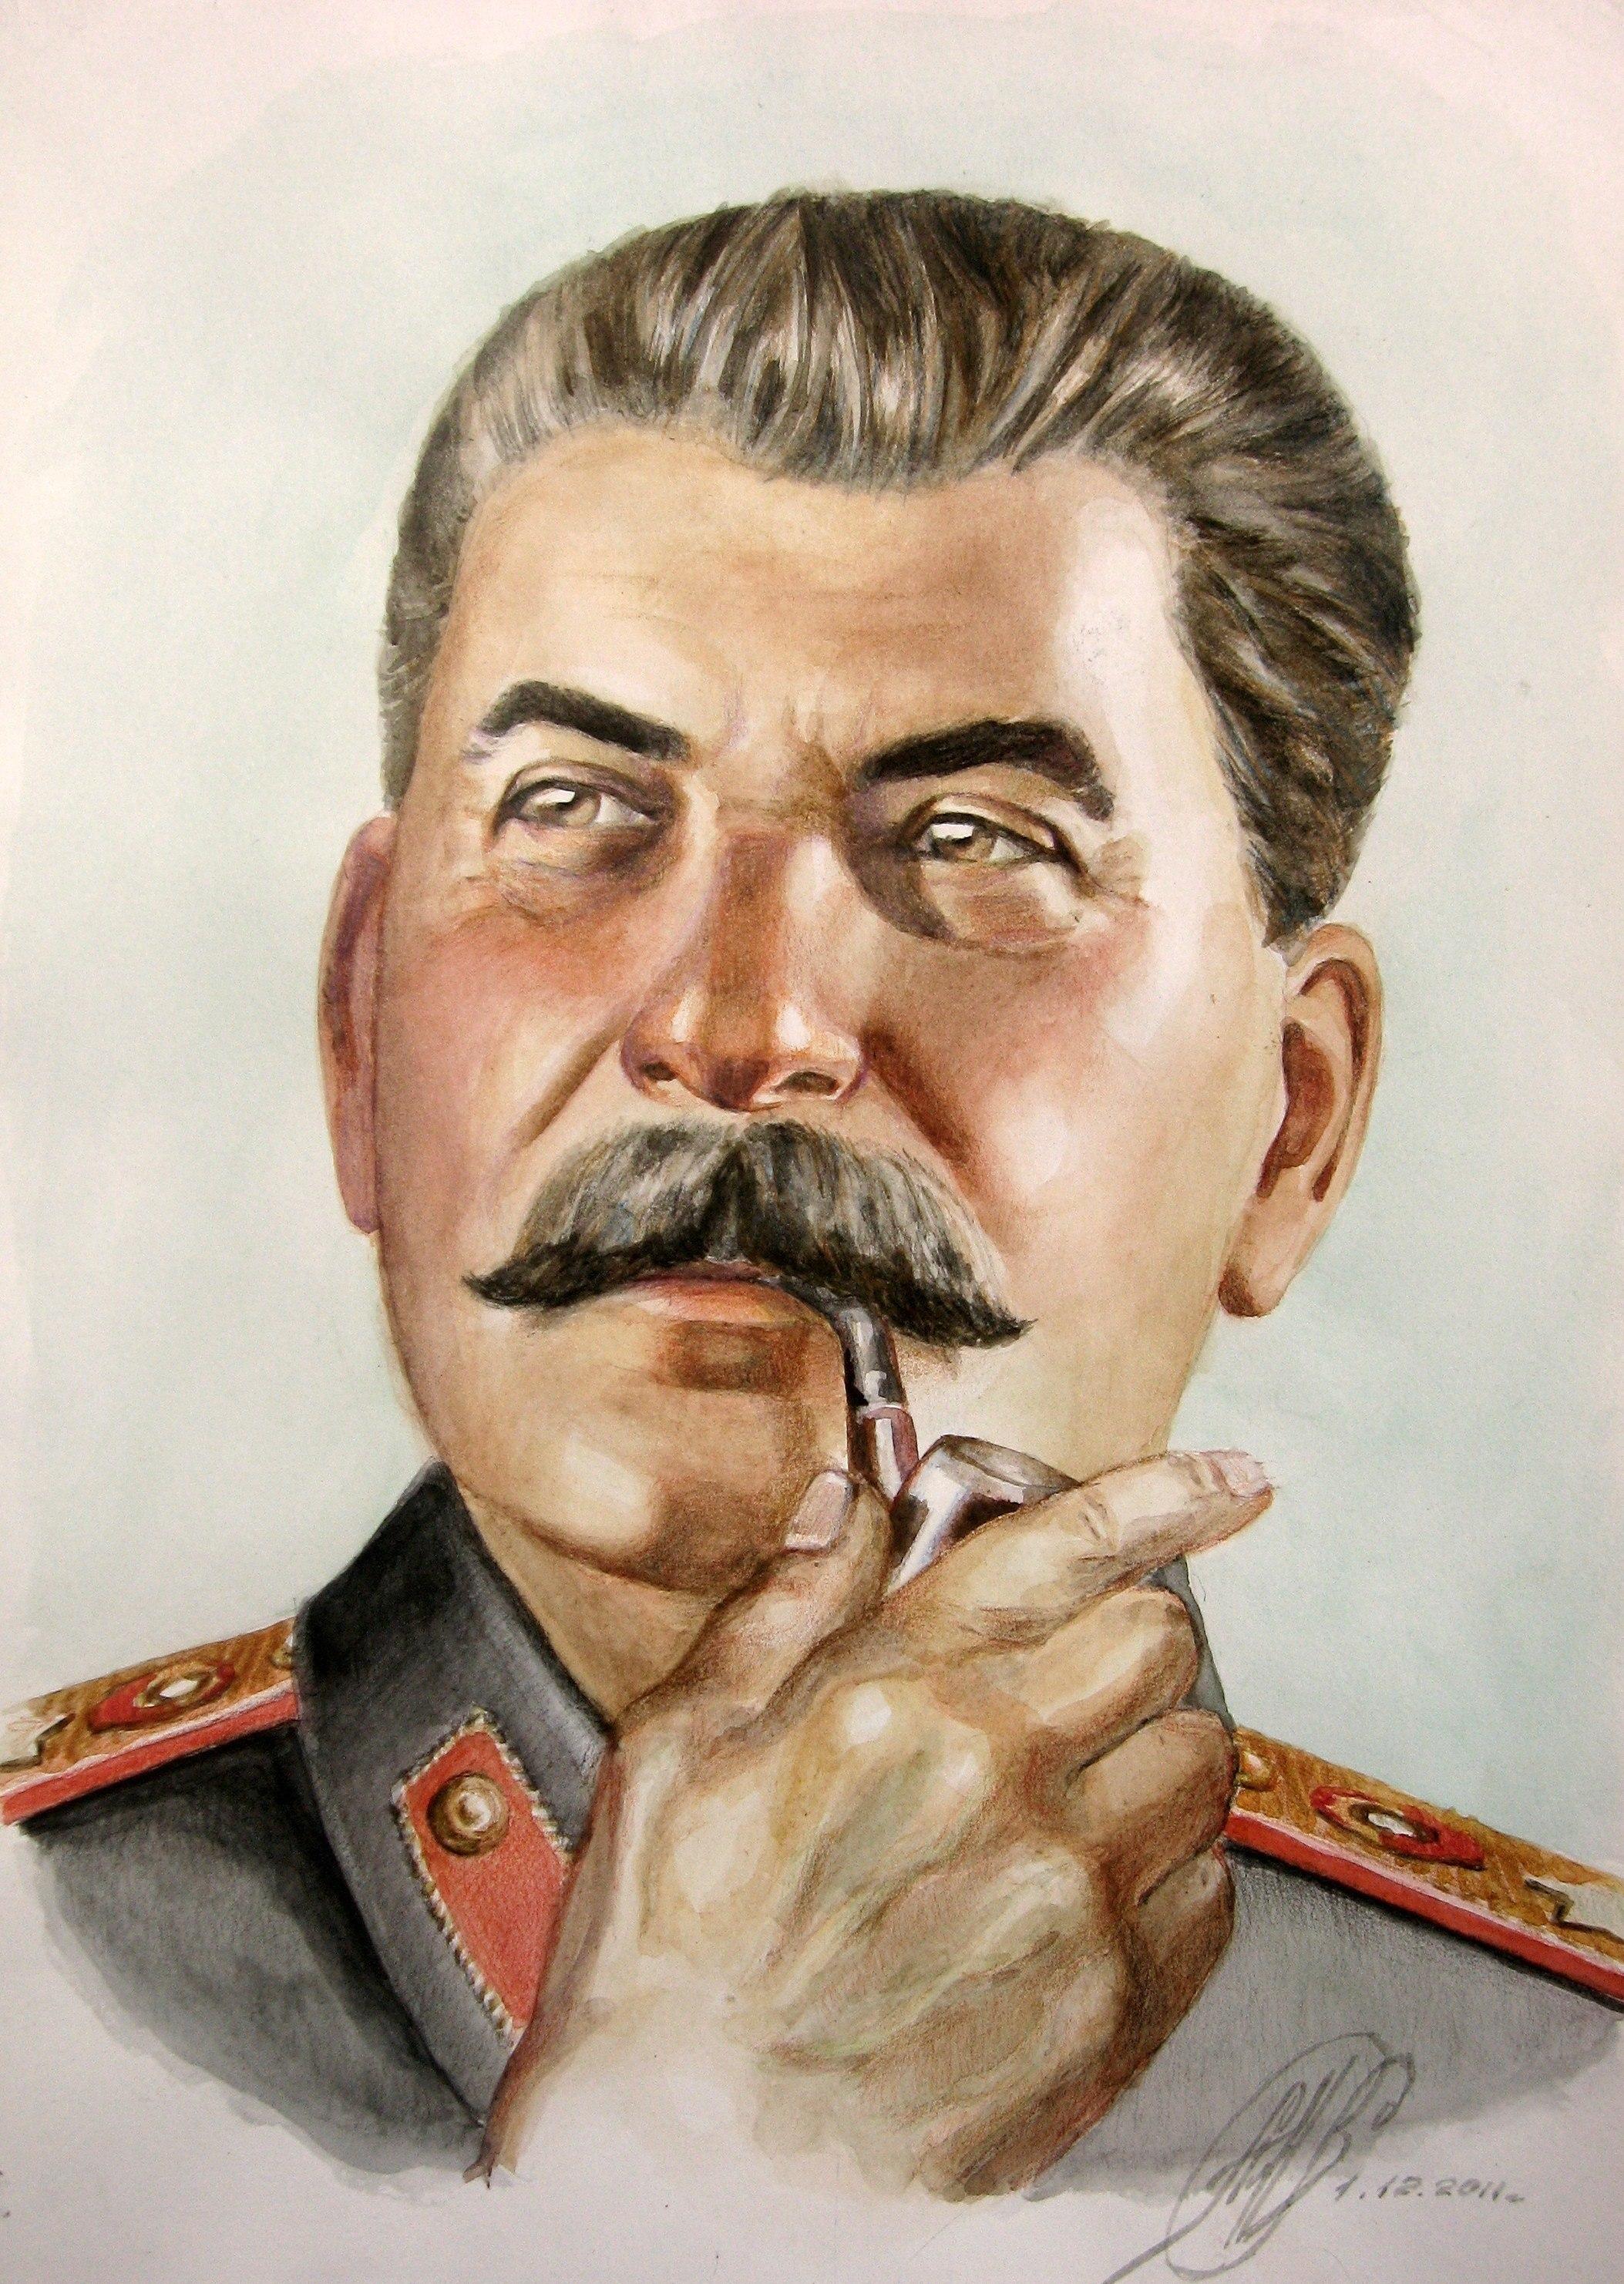 Голосовые открытки, картинка с изображением сталина 256 256